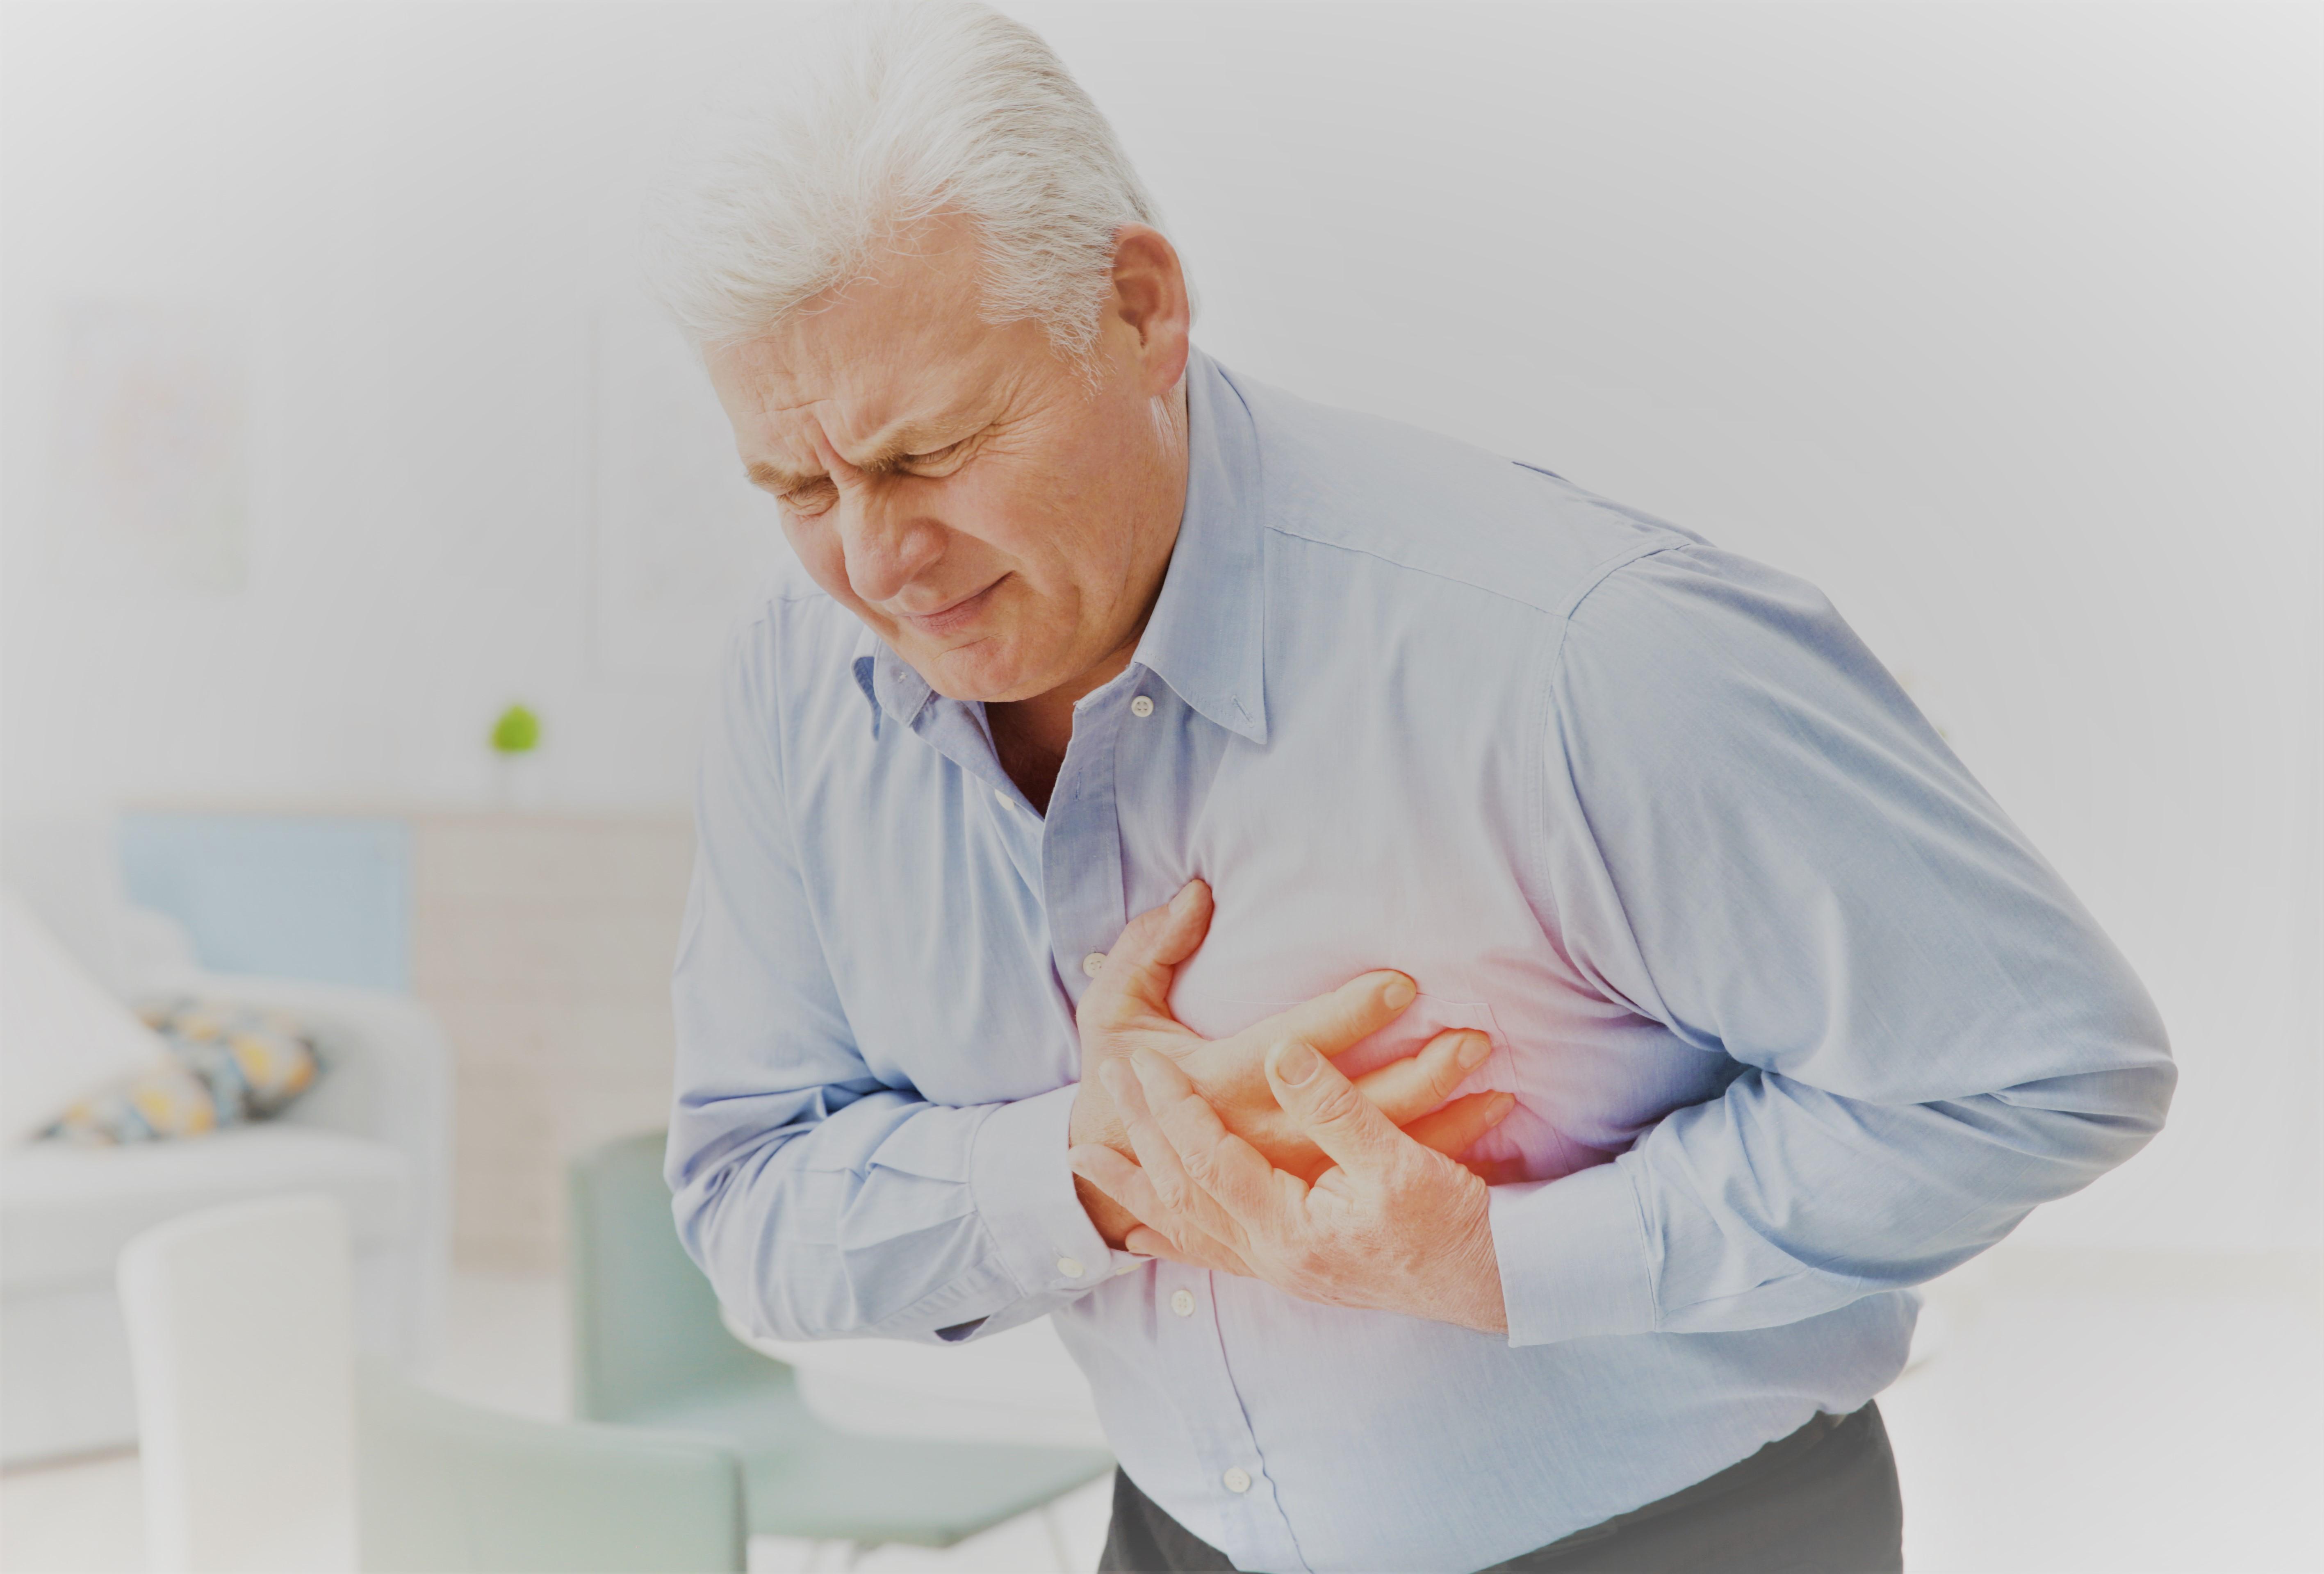 Szorító mellkasi fájdalom - Mikor forduljon orvoshoz?